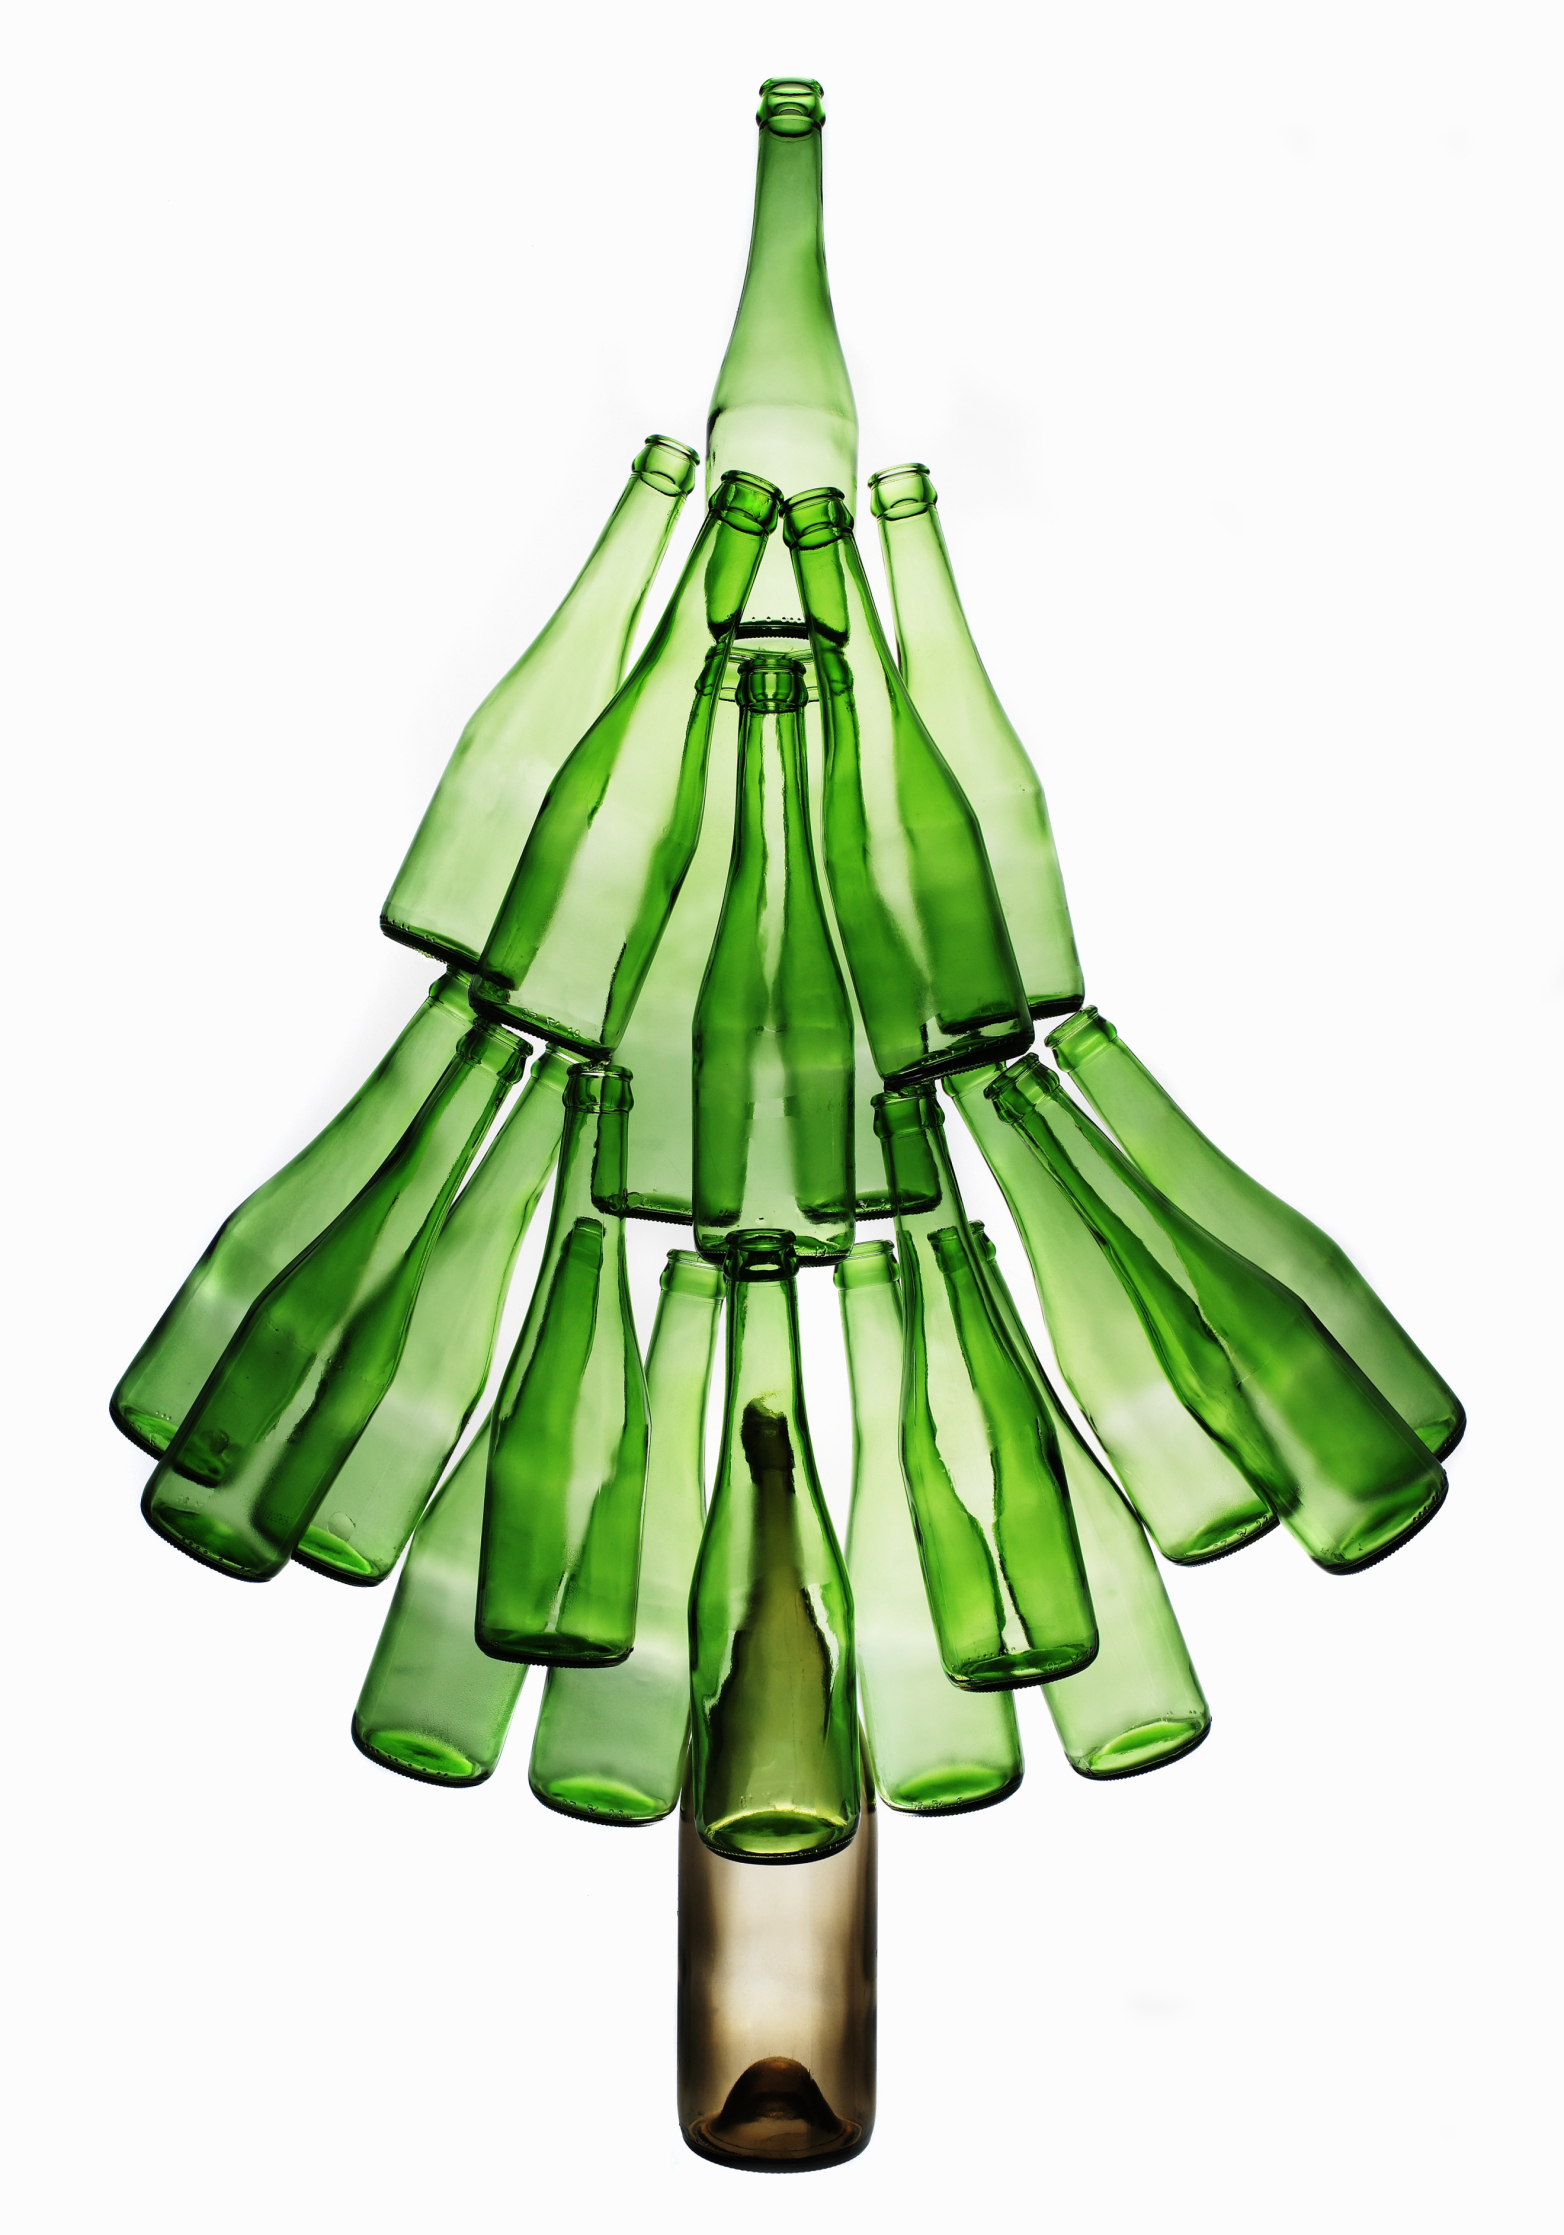 Manualidades y artesanas con botellas de vidrio recicladas  eHow